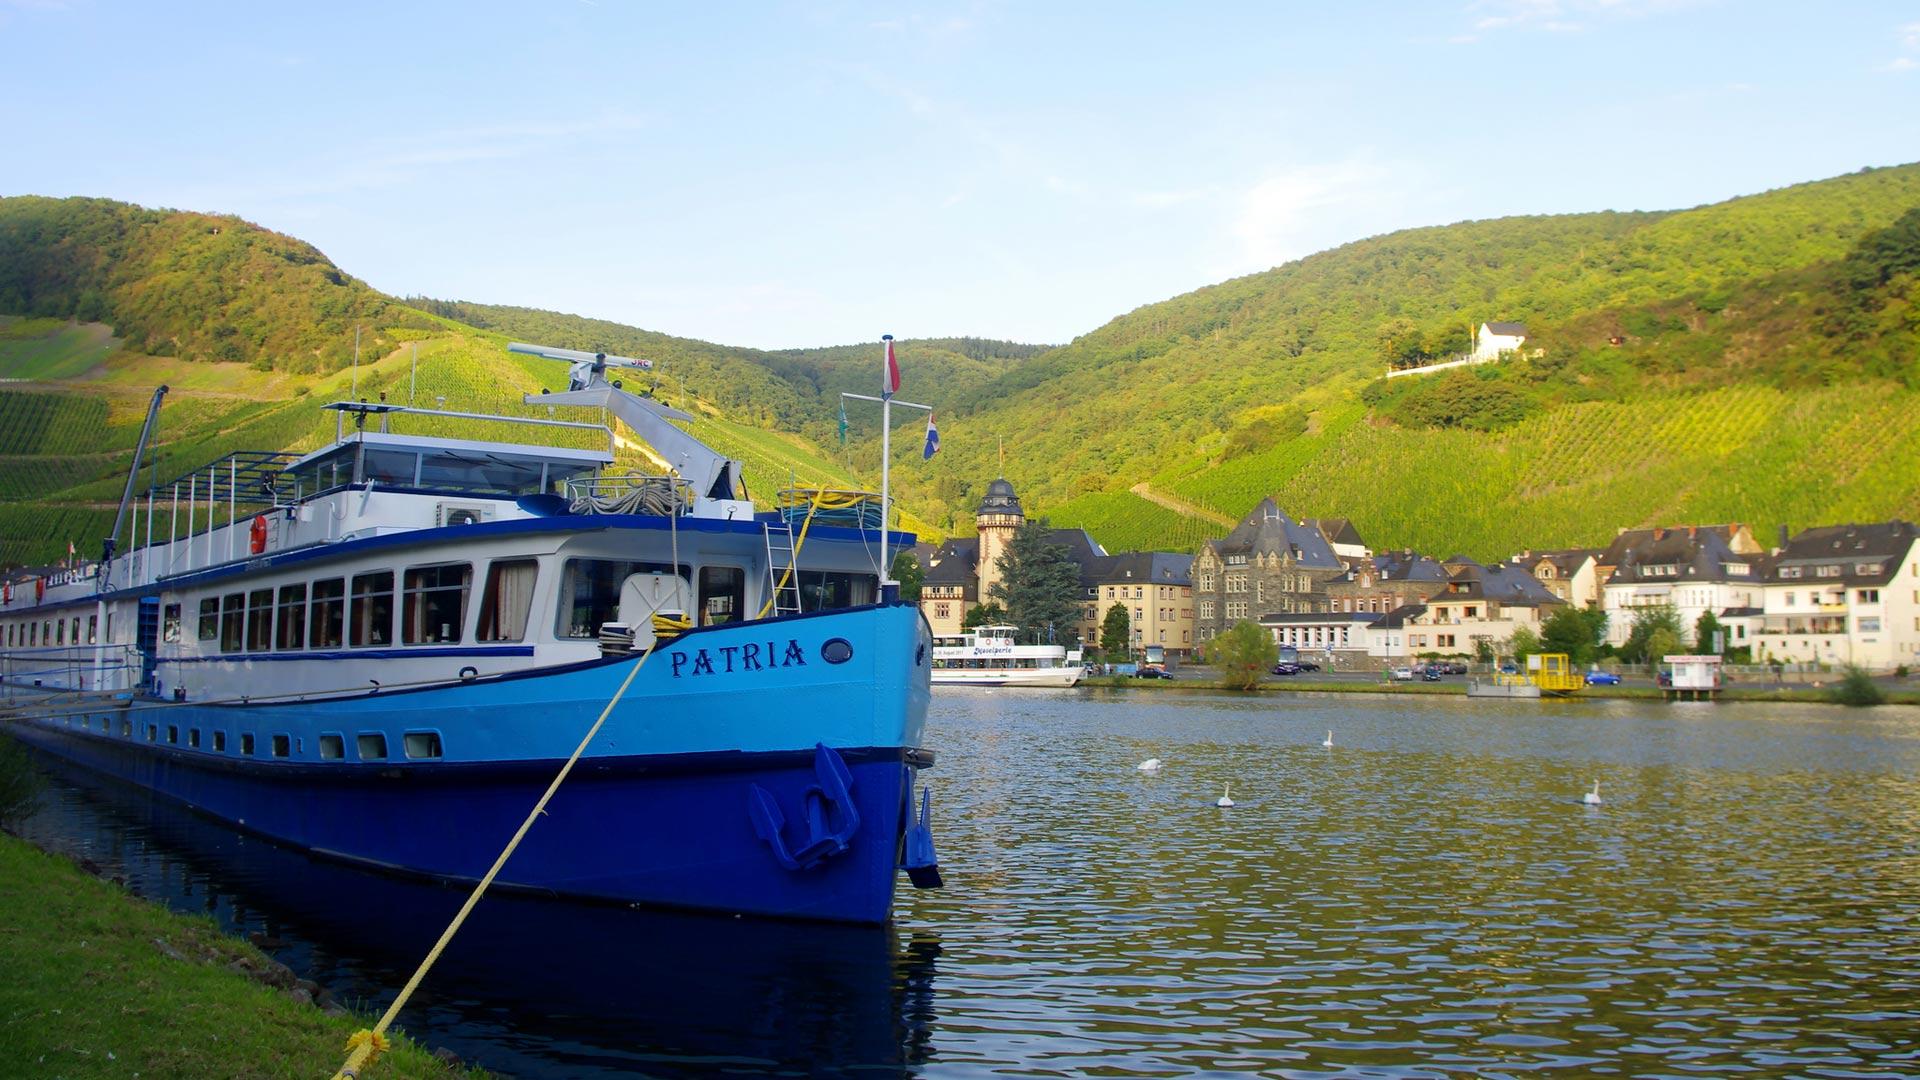 Hotelschip MS Patria in Mehringen aan de Moezel. © SE-Tours